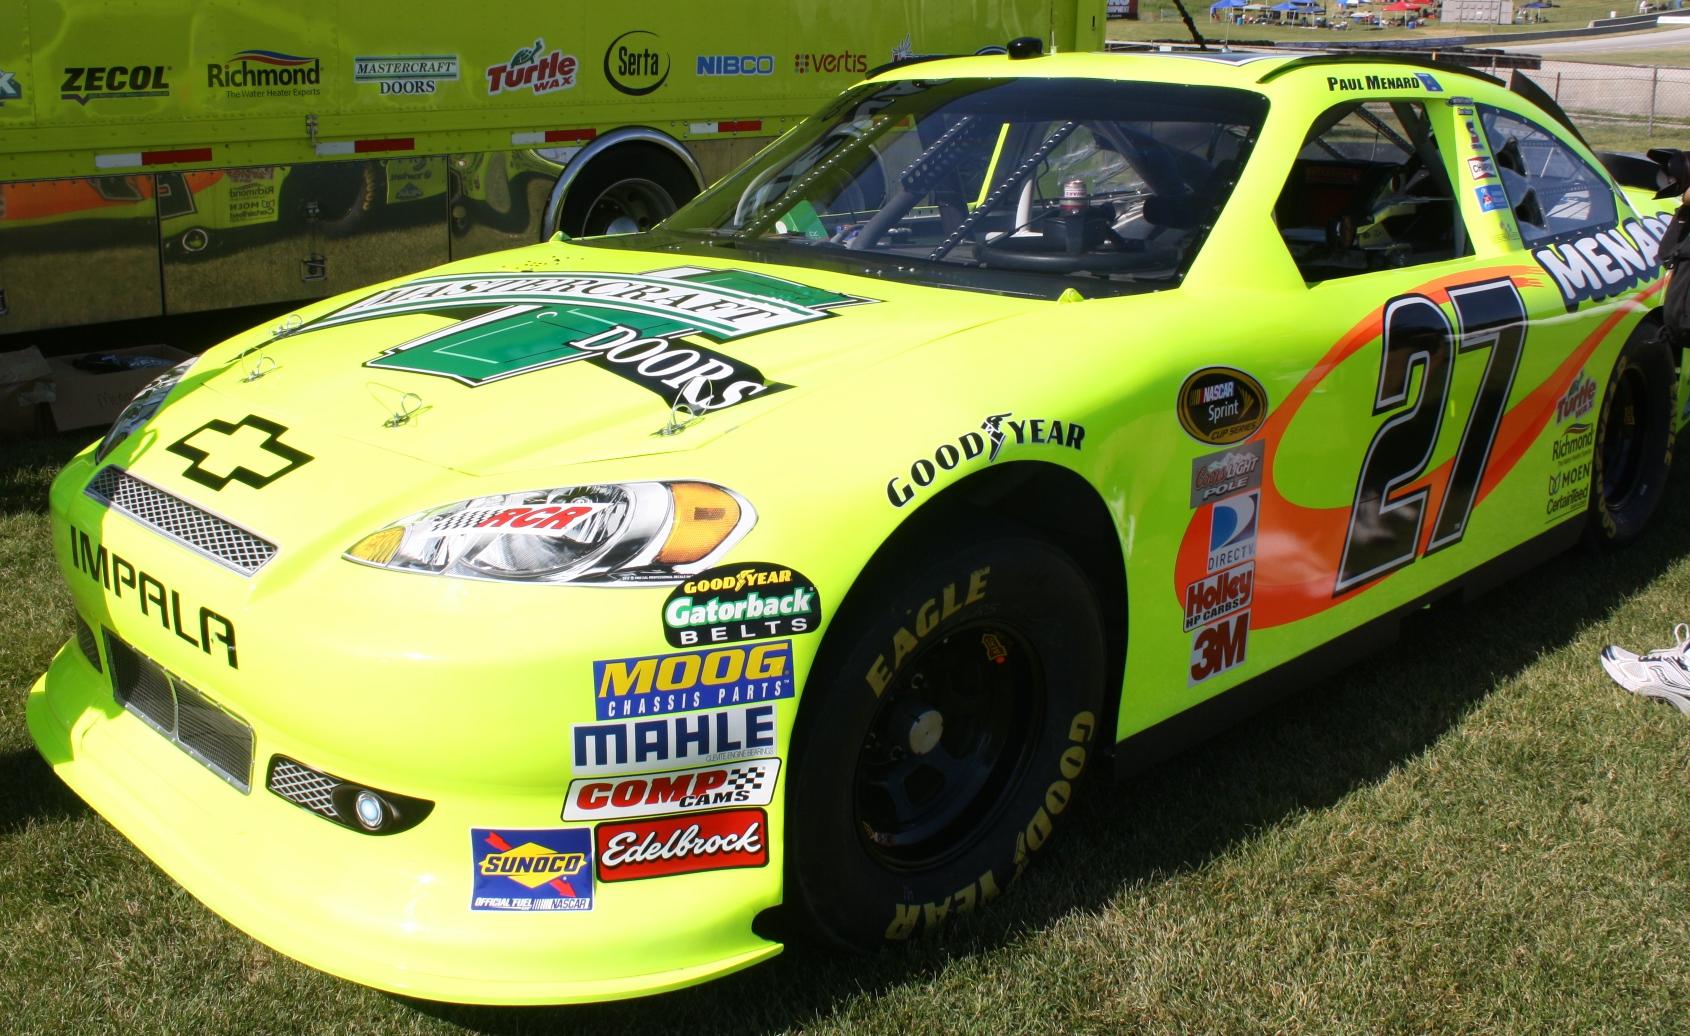 File:Paul Menard NASCAR Cup car shown at Road America 2012.jpg ...